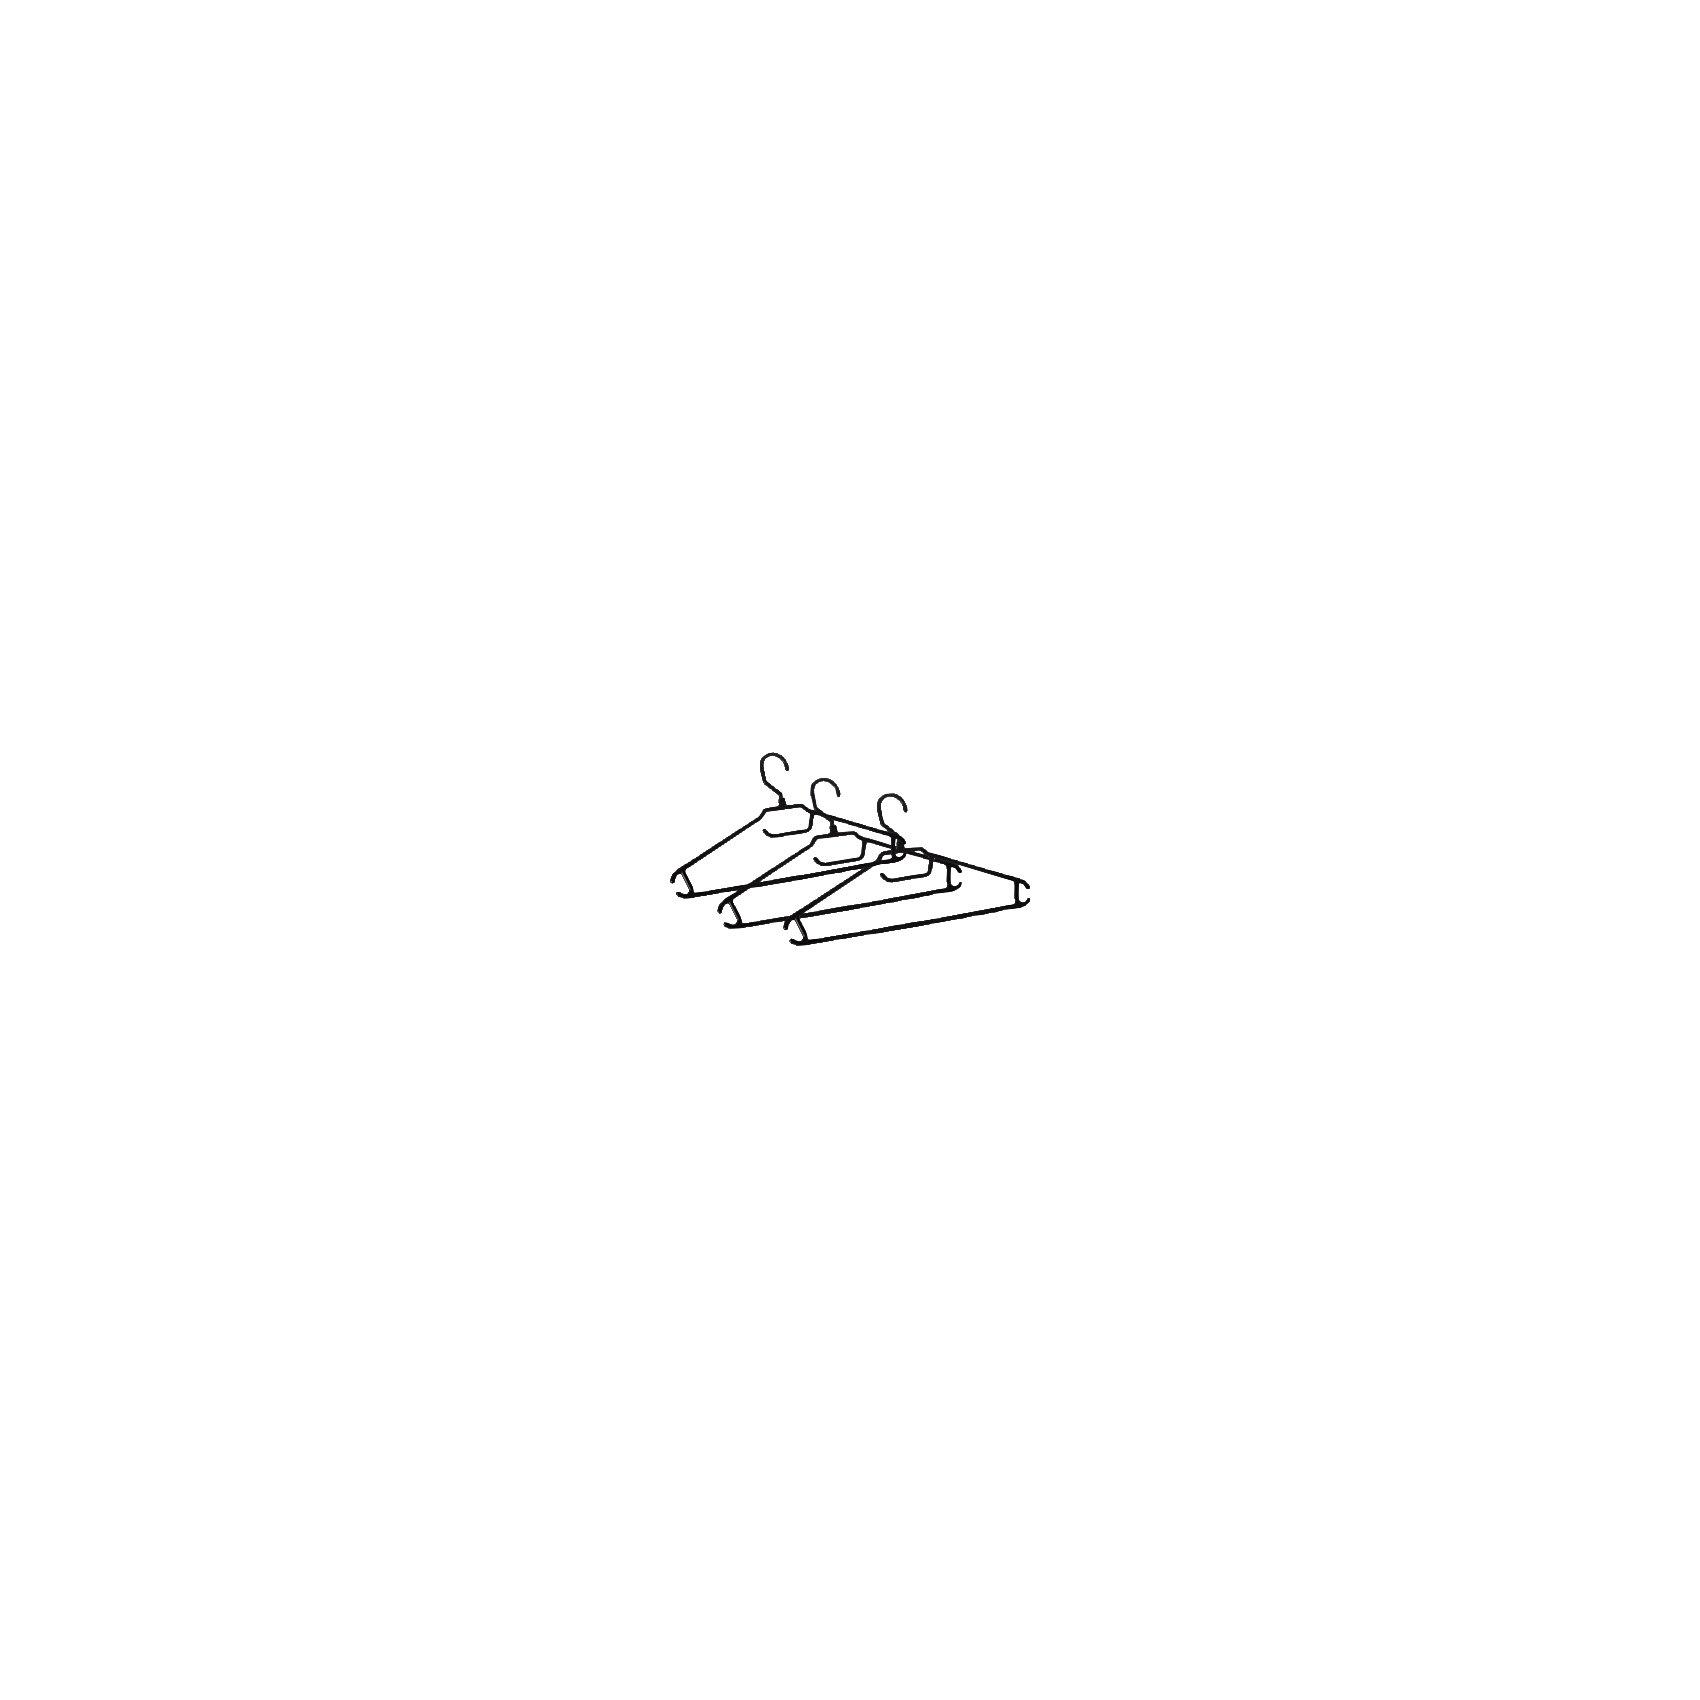 Вешалка-плечики для легкой одежды 48-50 (3 шт), BranQПредметы интерьера<br>Вешалка-плечики для легкой одежды 48-50 (3 шт), BranQ<br><br>Характеристики:<br><br>• Цвет: черный<br>• Материал: пластик<br>• В комплекте: 3 штуки<br><br>Каждая вешалка изготовлена из пластика высокого качества, а потому имеет повышенную прочность и не бьется. Оснащена закругленными плечиками, для предоставления более бережного хранения вашим вещам, а так же имеет перекладину и три крючка.<br><br>Вешалка-плечики для легкой одежды 48-50 (3 шт), BranQ можно купить в нашем интернет-магазине.<br><br>Ширина мм: 405<br>Глубина мм: 205<br>Высота мм: 30<br>Вес г: 184<br>Возраст от месяцев: 216<br>Возраст до месяцев: 1188<br>Пол: Унисекс<br>Возраст: Детский<br>SKU: 5545605